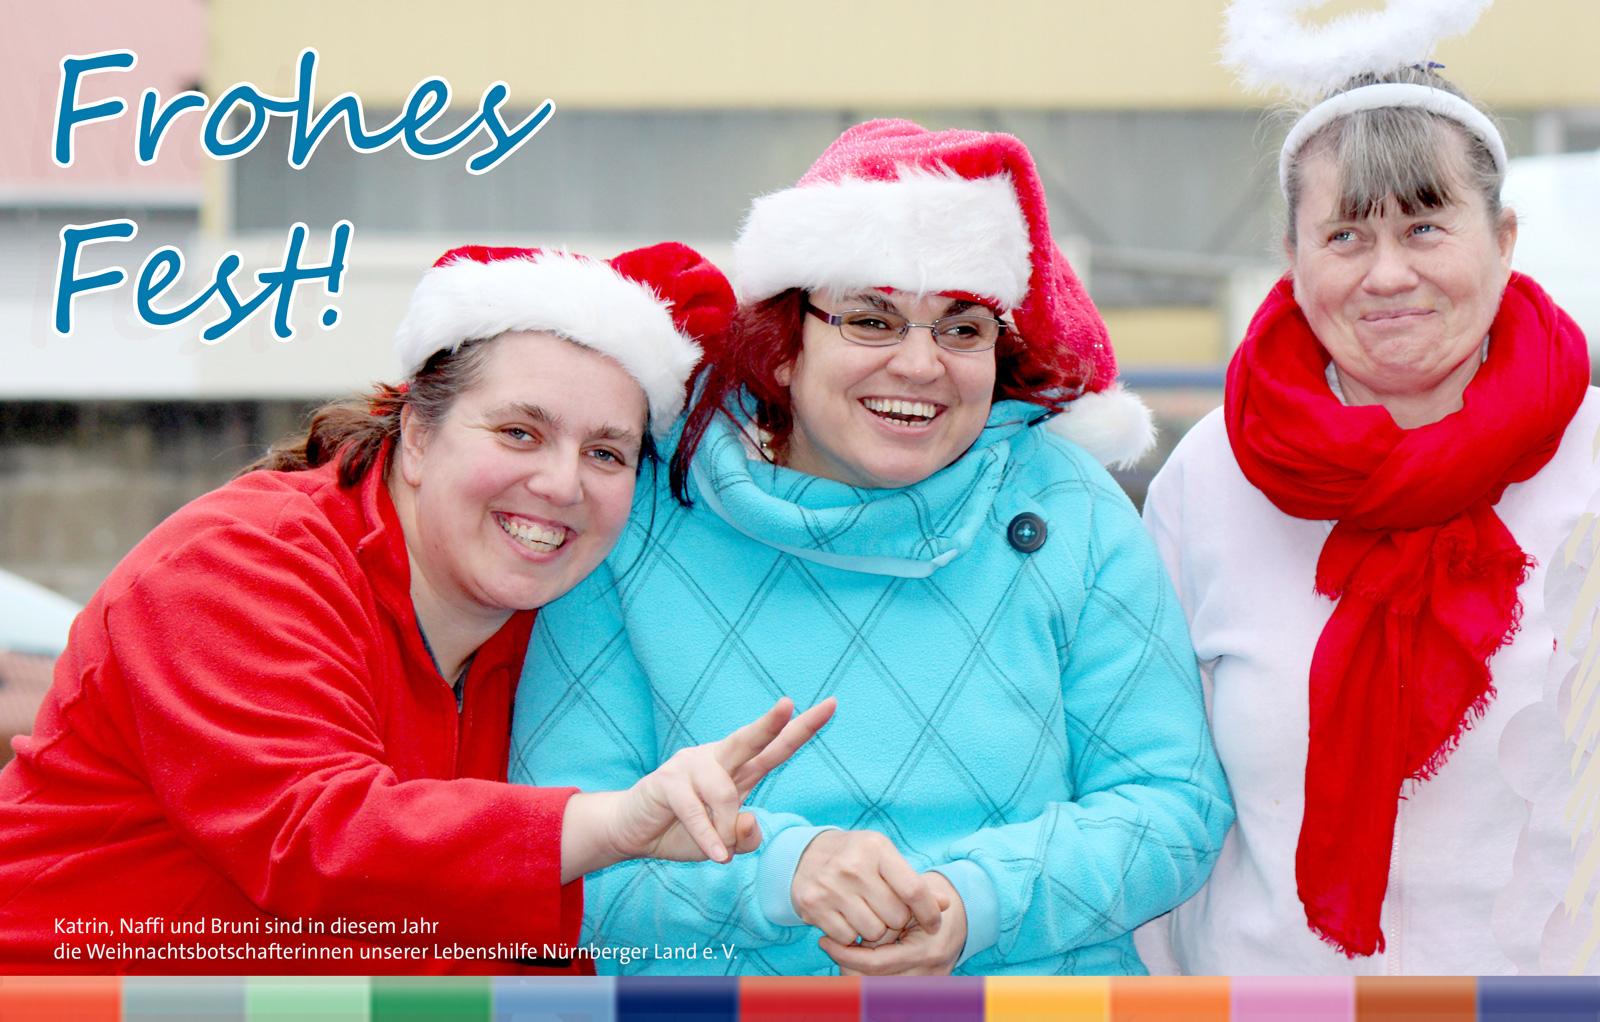 Unsere Weihnachtsbotschafterinnen Katrin, Nafiye und Bruni, Moritzberg-Werkstätten, wünschen im Namen der Lebenshilfe Nürnberger Land-Familie, allen schöne Festtage und einen guten Rutsch!